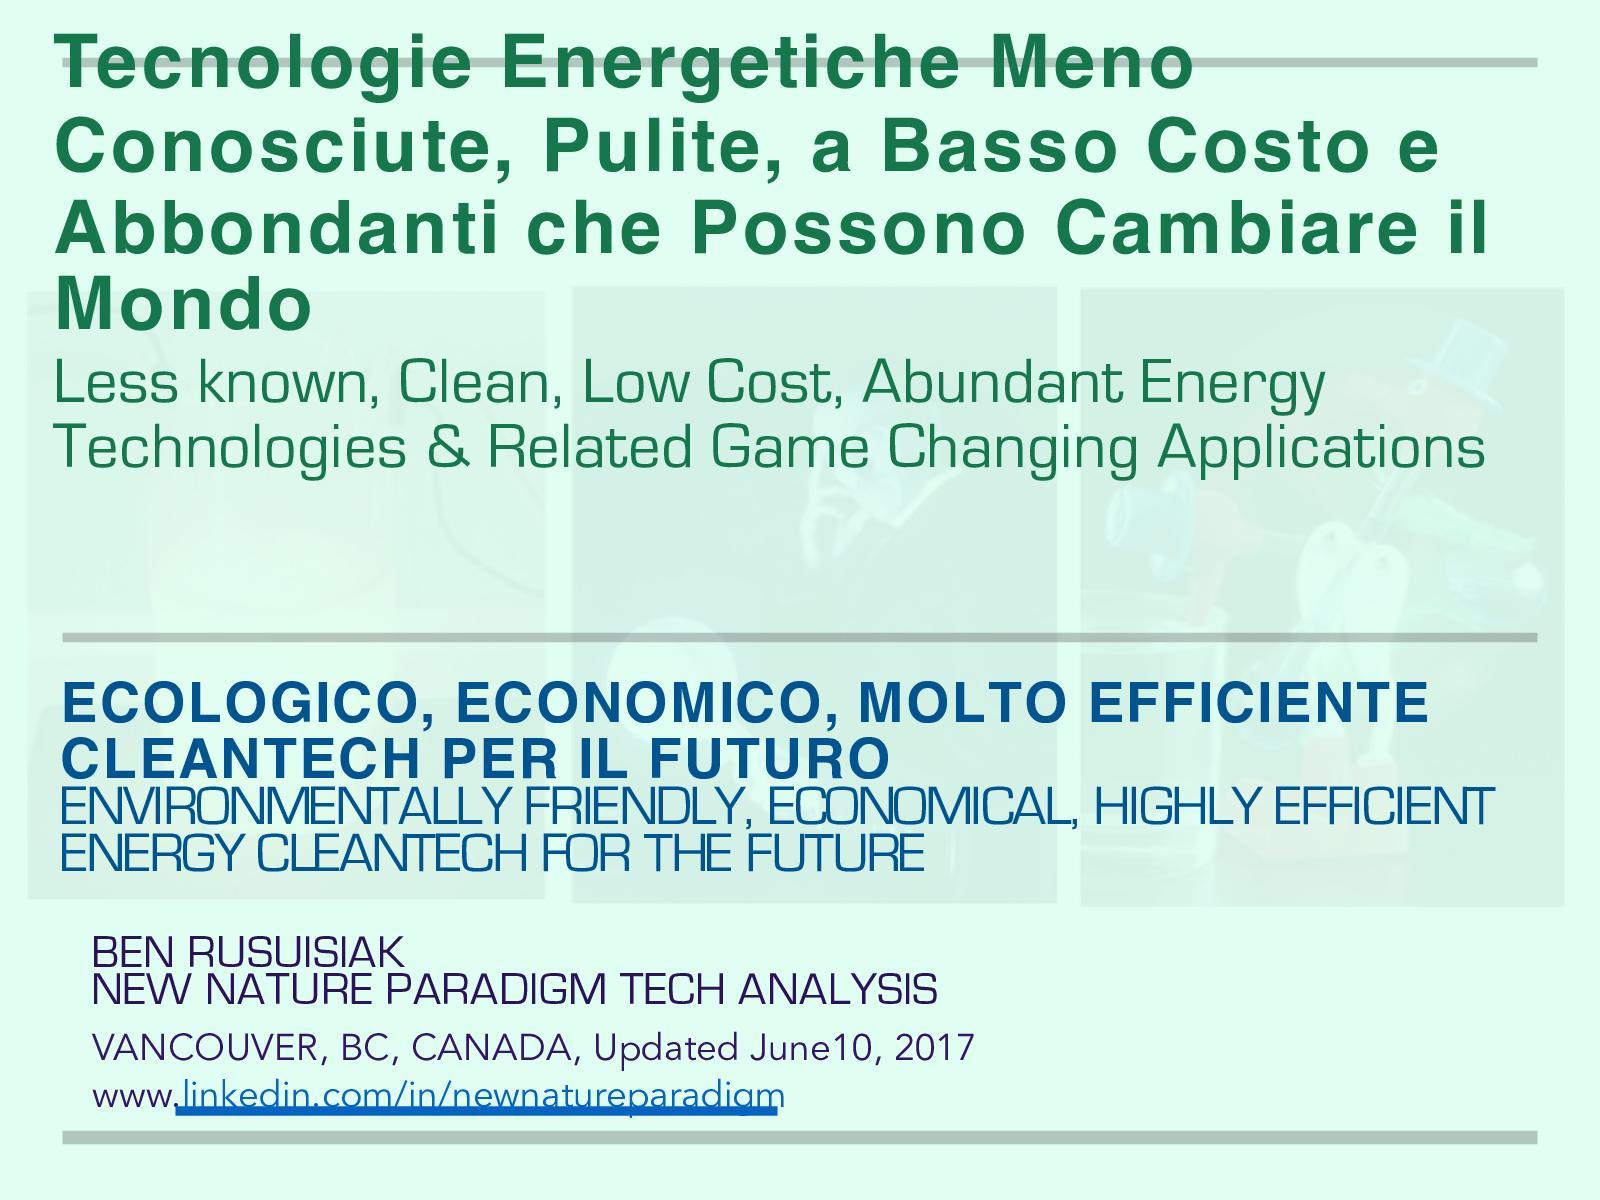 Calamo Tecnologie Energetiche Meno Conosciute Pulite A Basso Toshiba G7 Asd Wiring Diagram Costo E Abbondanti Che Possono Cambiare Il Mondo Less Known Clean Low Cost